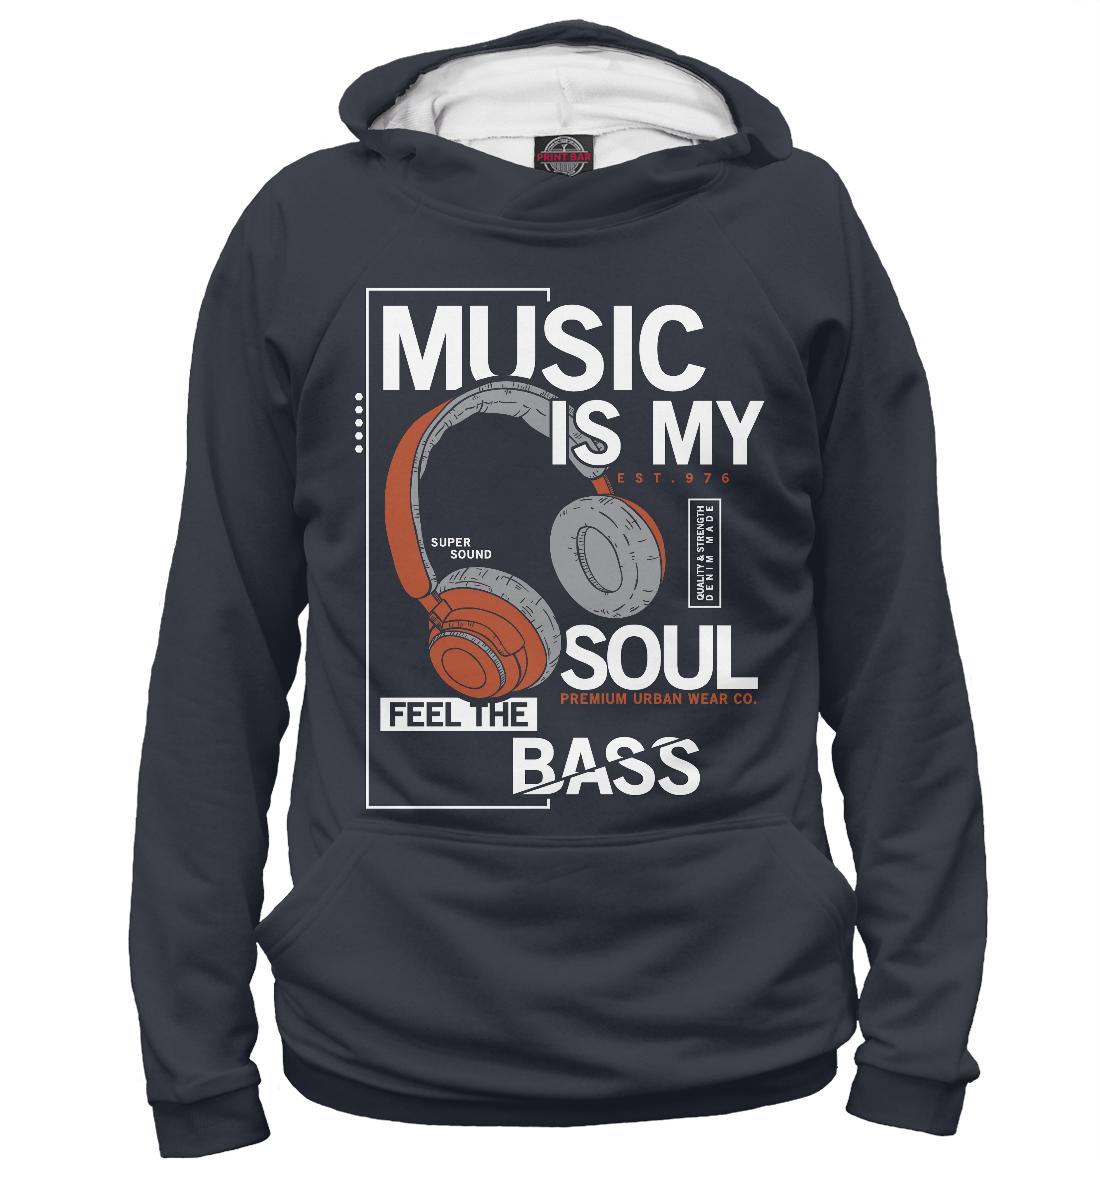 Фото - Музыка - моя душа музыка моя душа